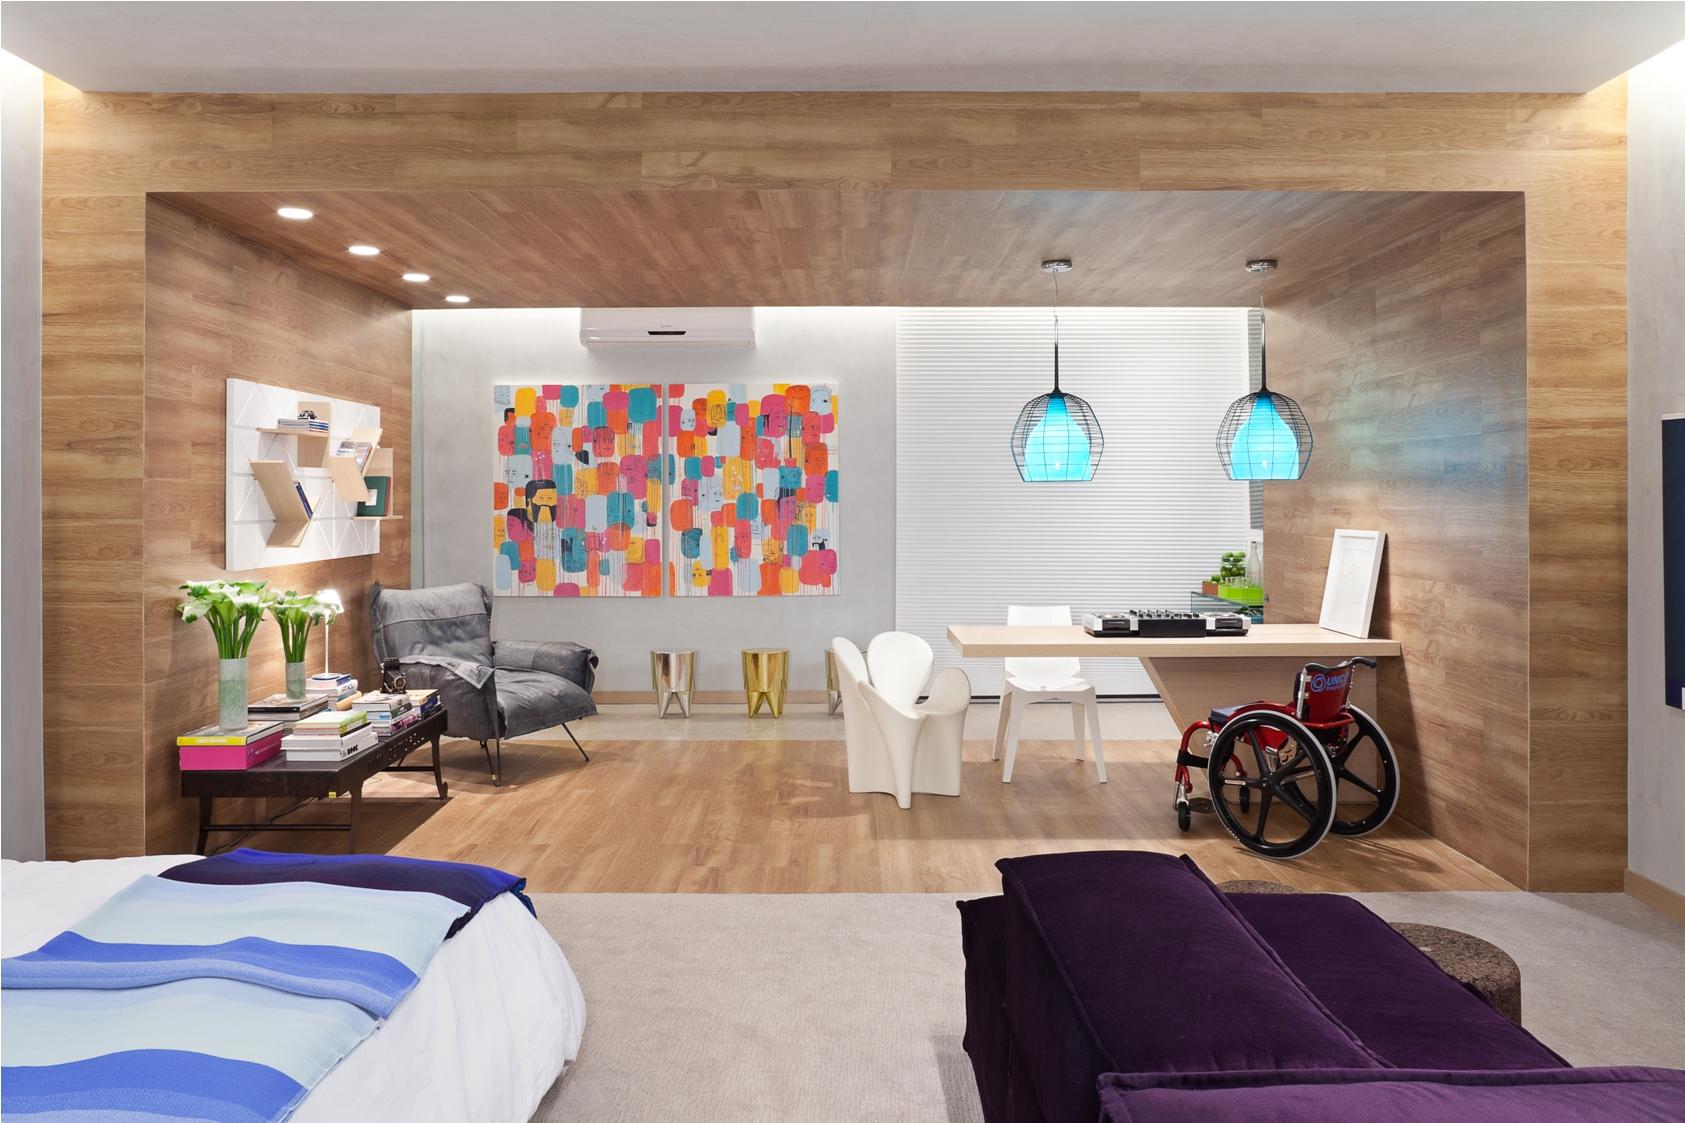 #2E819D aeg quarto para deficiente – Design Culture 1685x1123 px layout de banheiro para deficiente